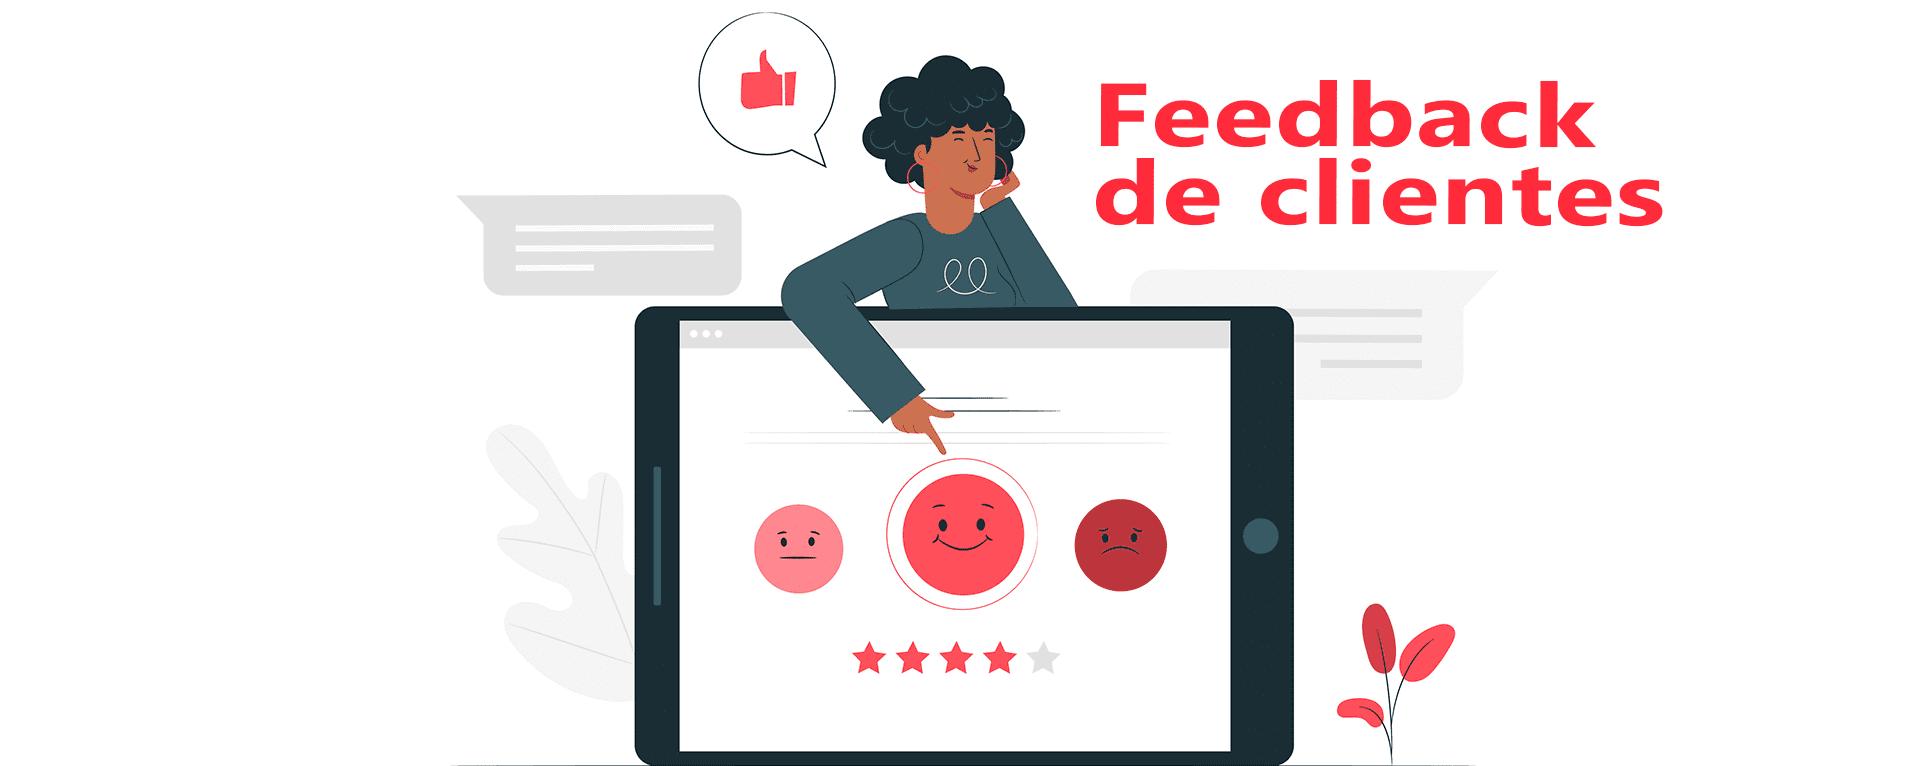 Como Usar o Feedback de Clientes em Favor do seu Delivery?